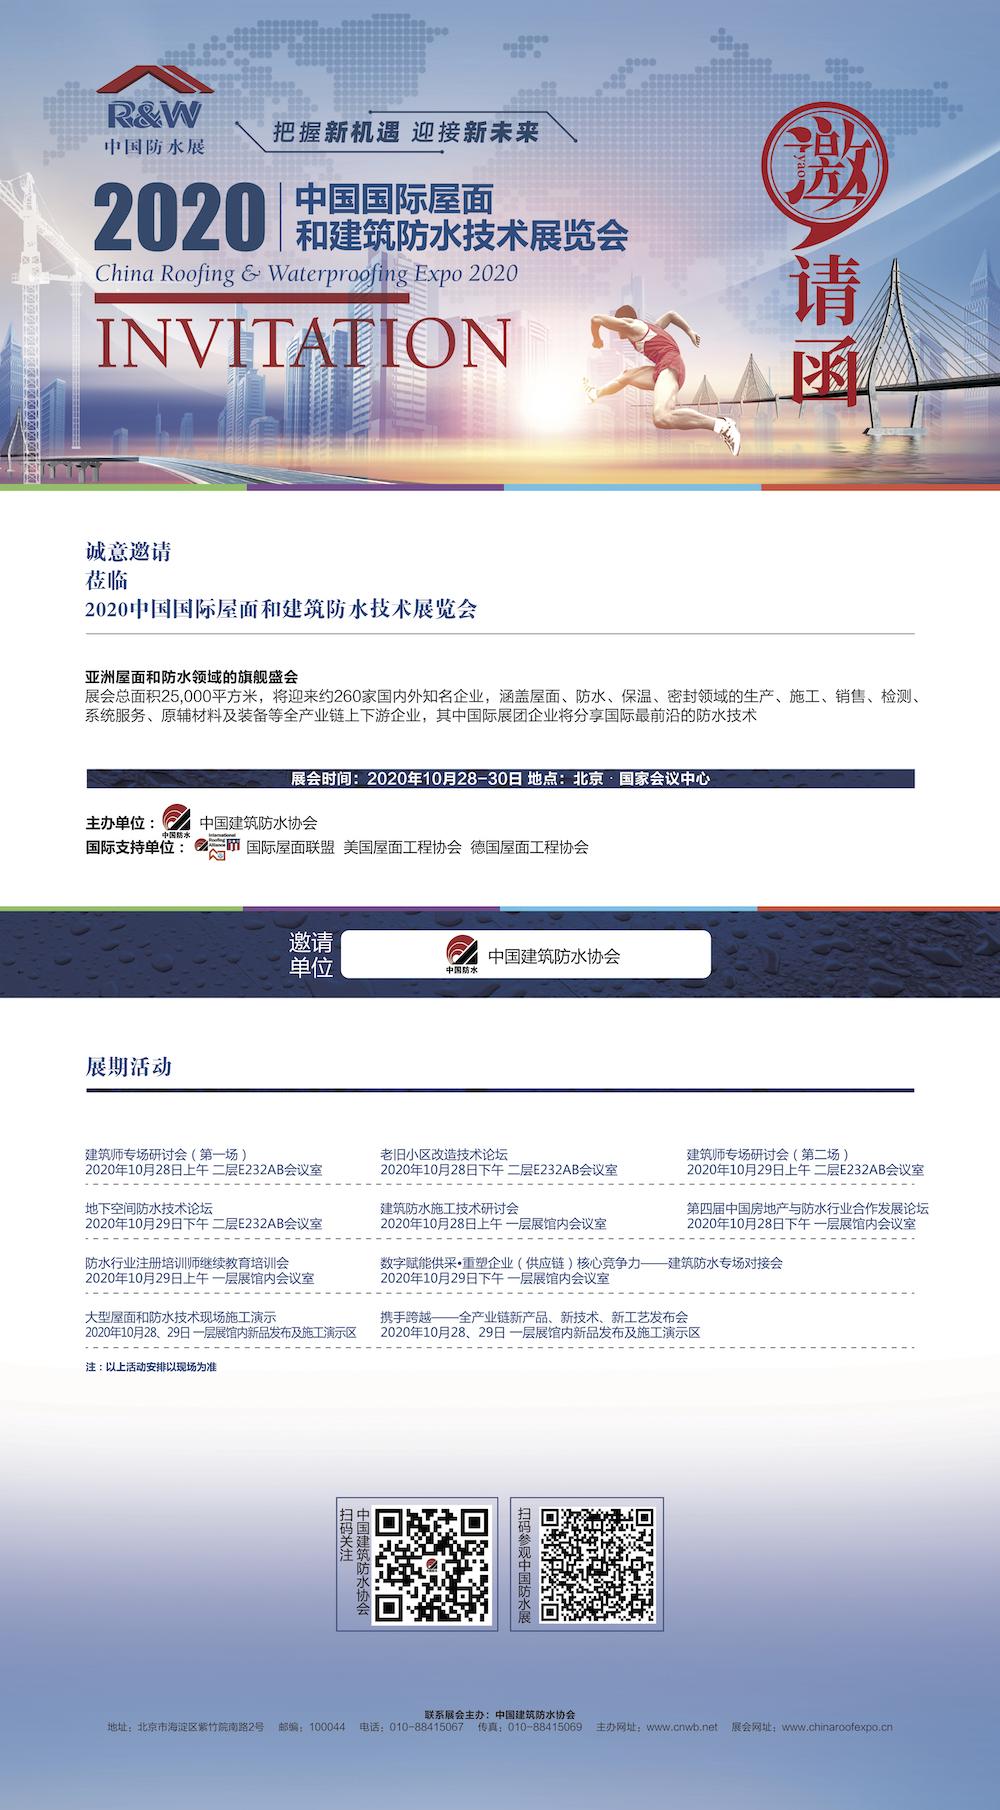 2020中国亚搏体育官方下载展观众邀请函电子文件(带中国建筑亚搏体育官方下载协会)副本.jpg